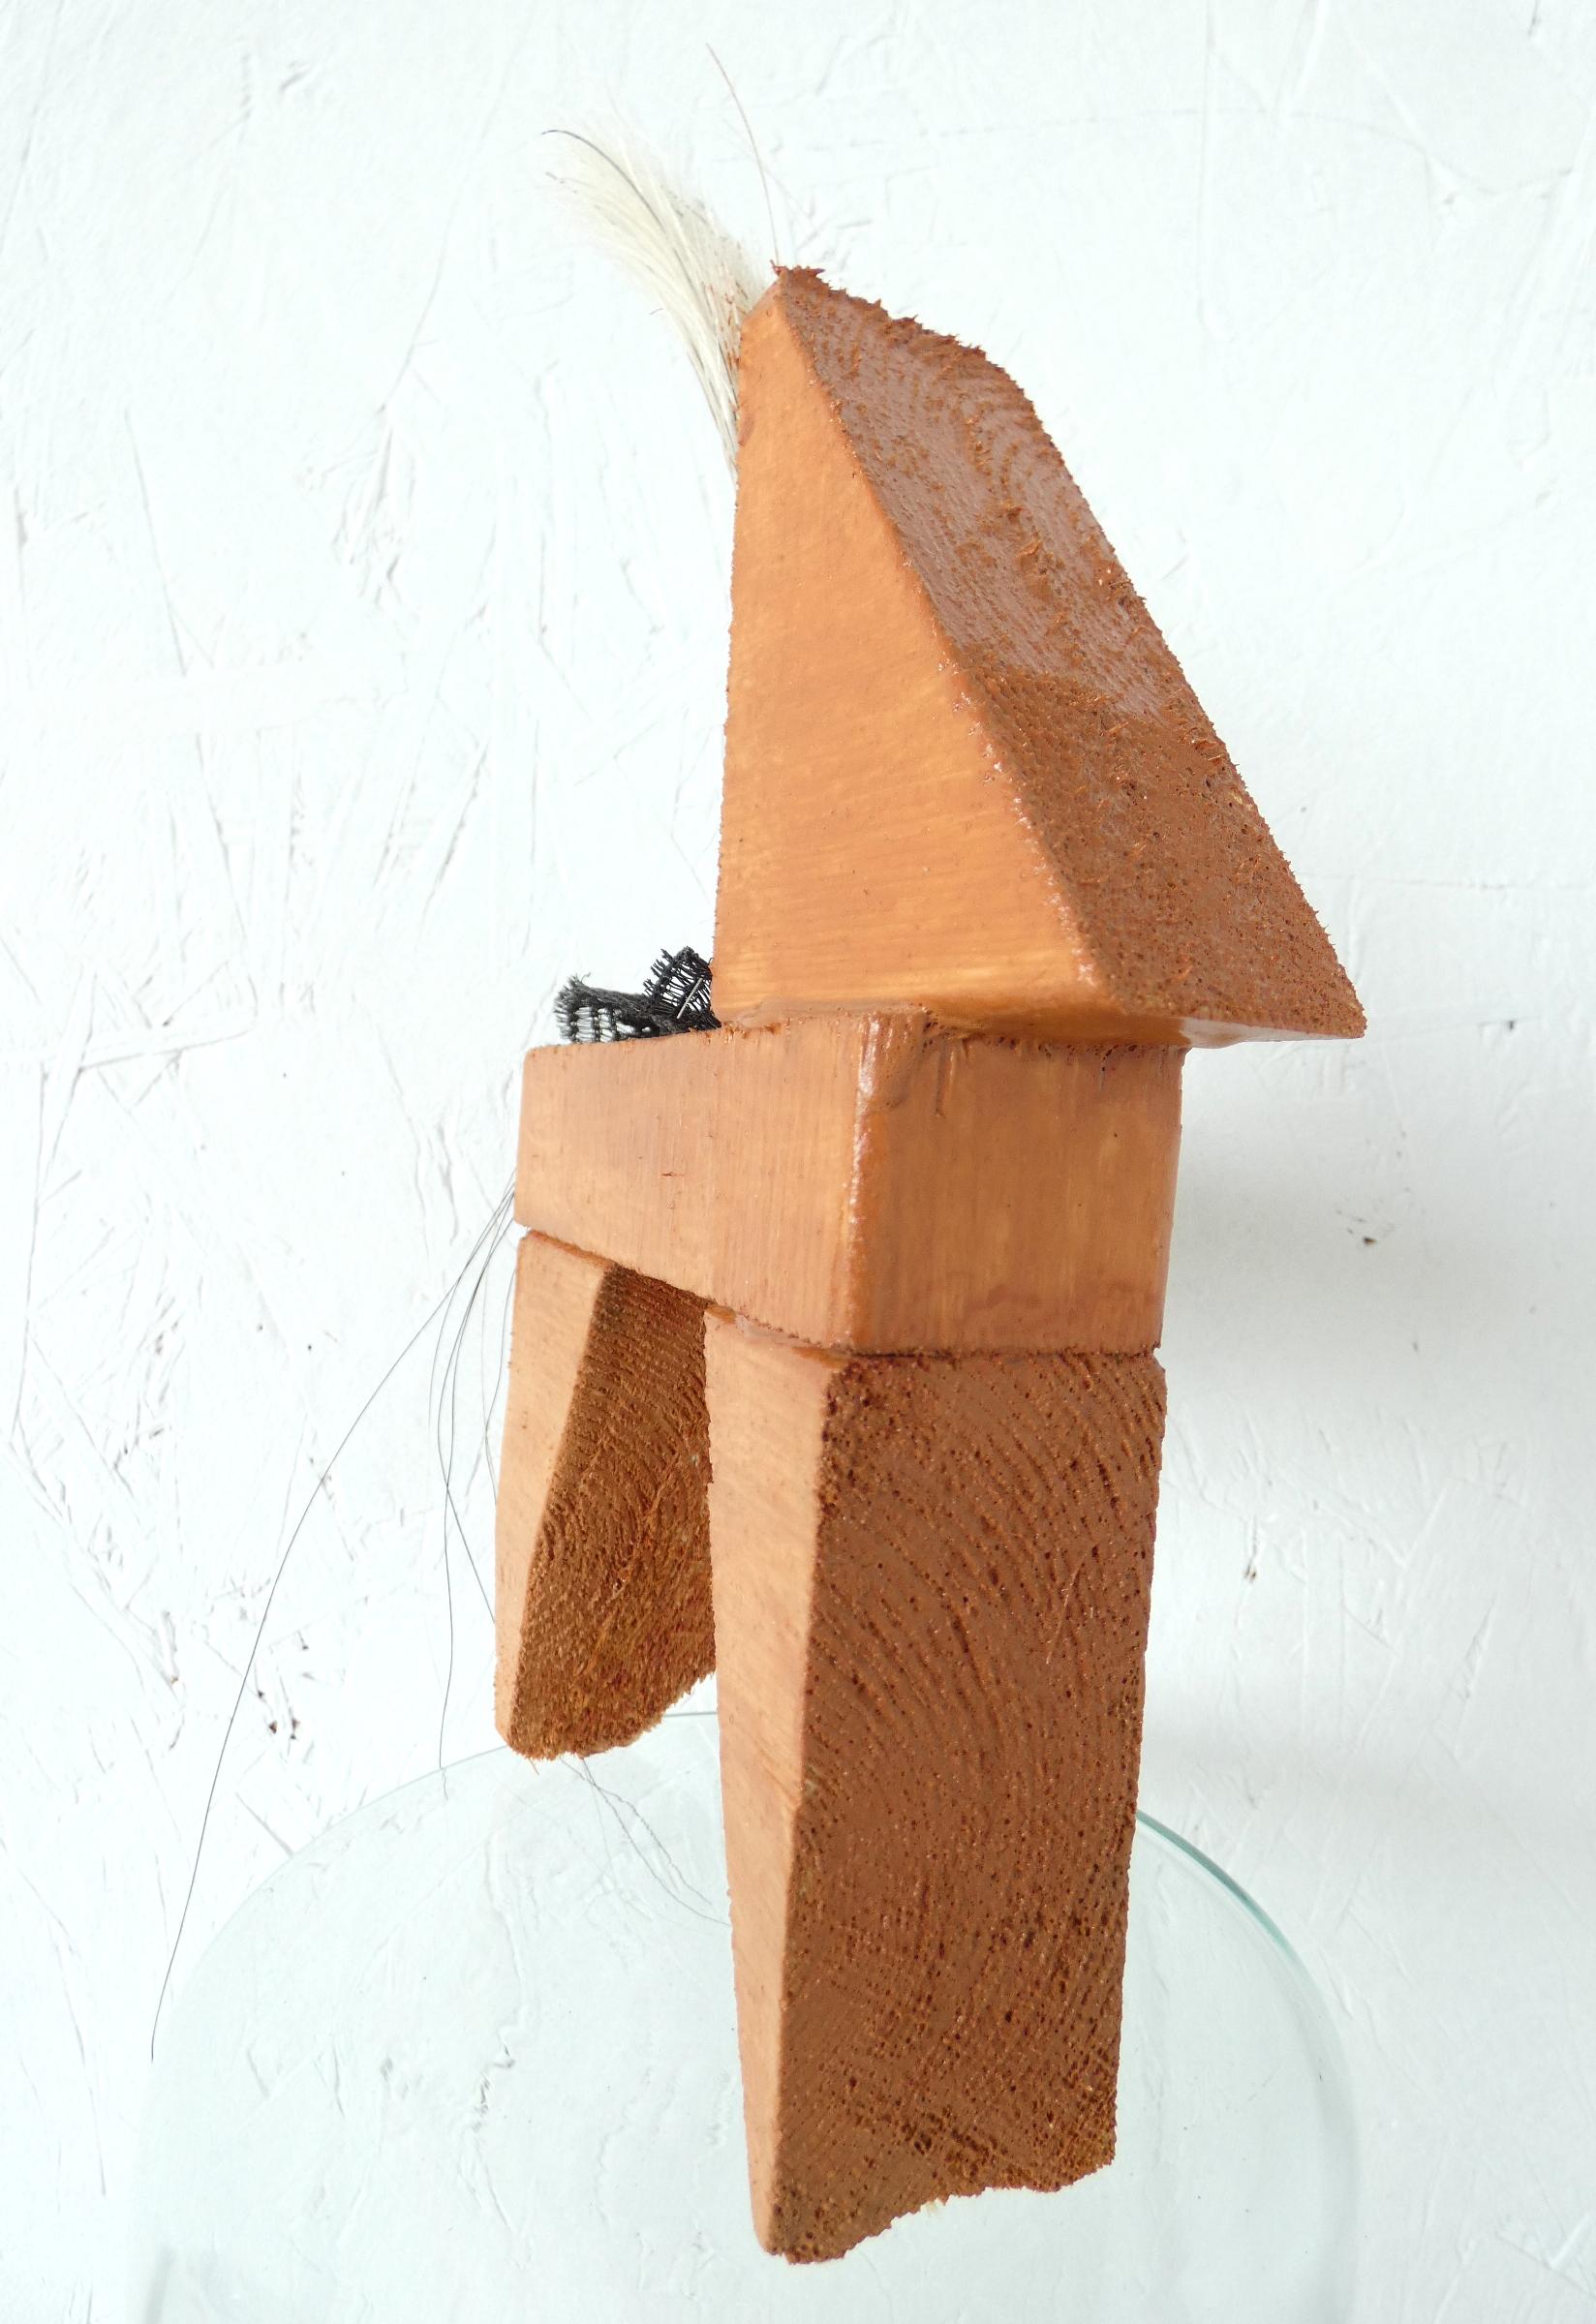 IJslander paardje, icelandic horse, paardenhaar, artwork, kunst, art, artlovers, hout, kunst kopen, artcollectors, sculpture, art at home, kunstenaar Wietske Lycklama à Nijeholt